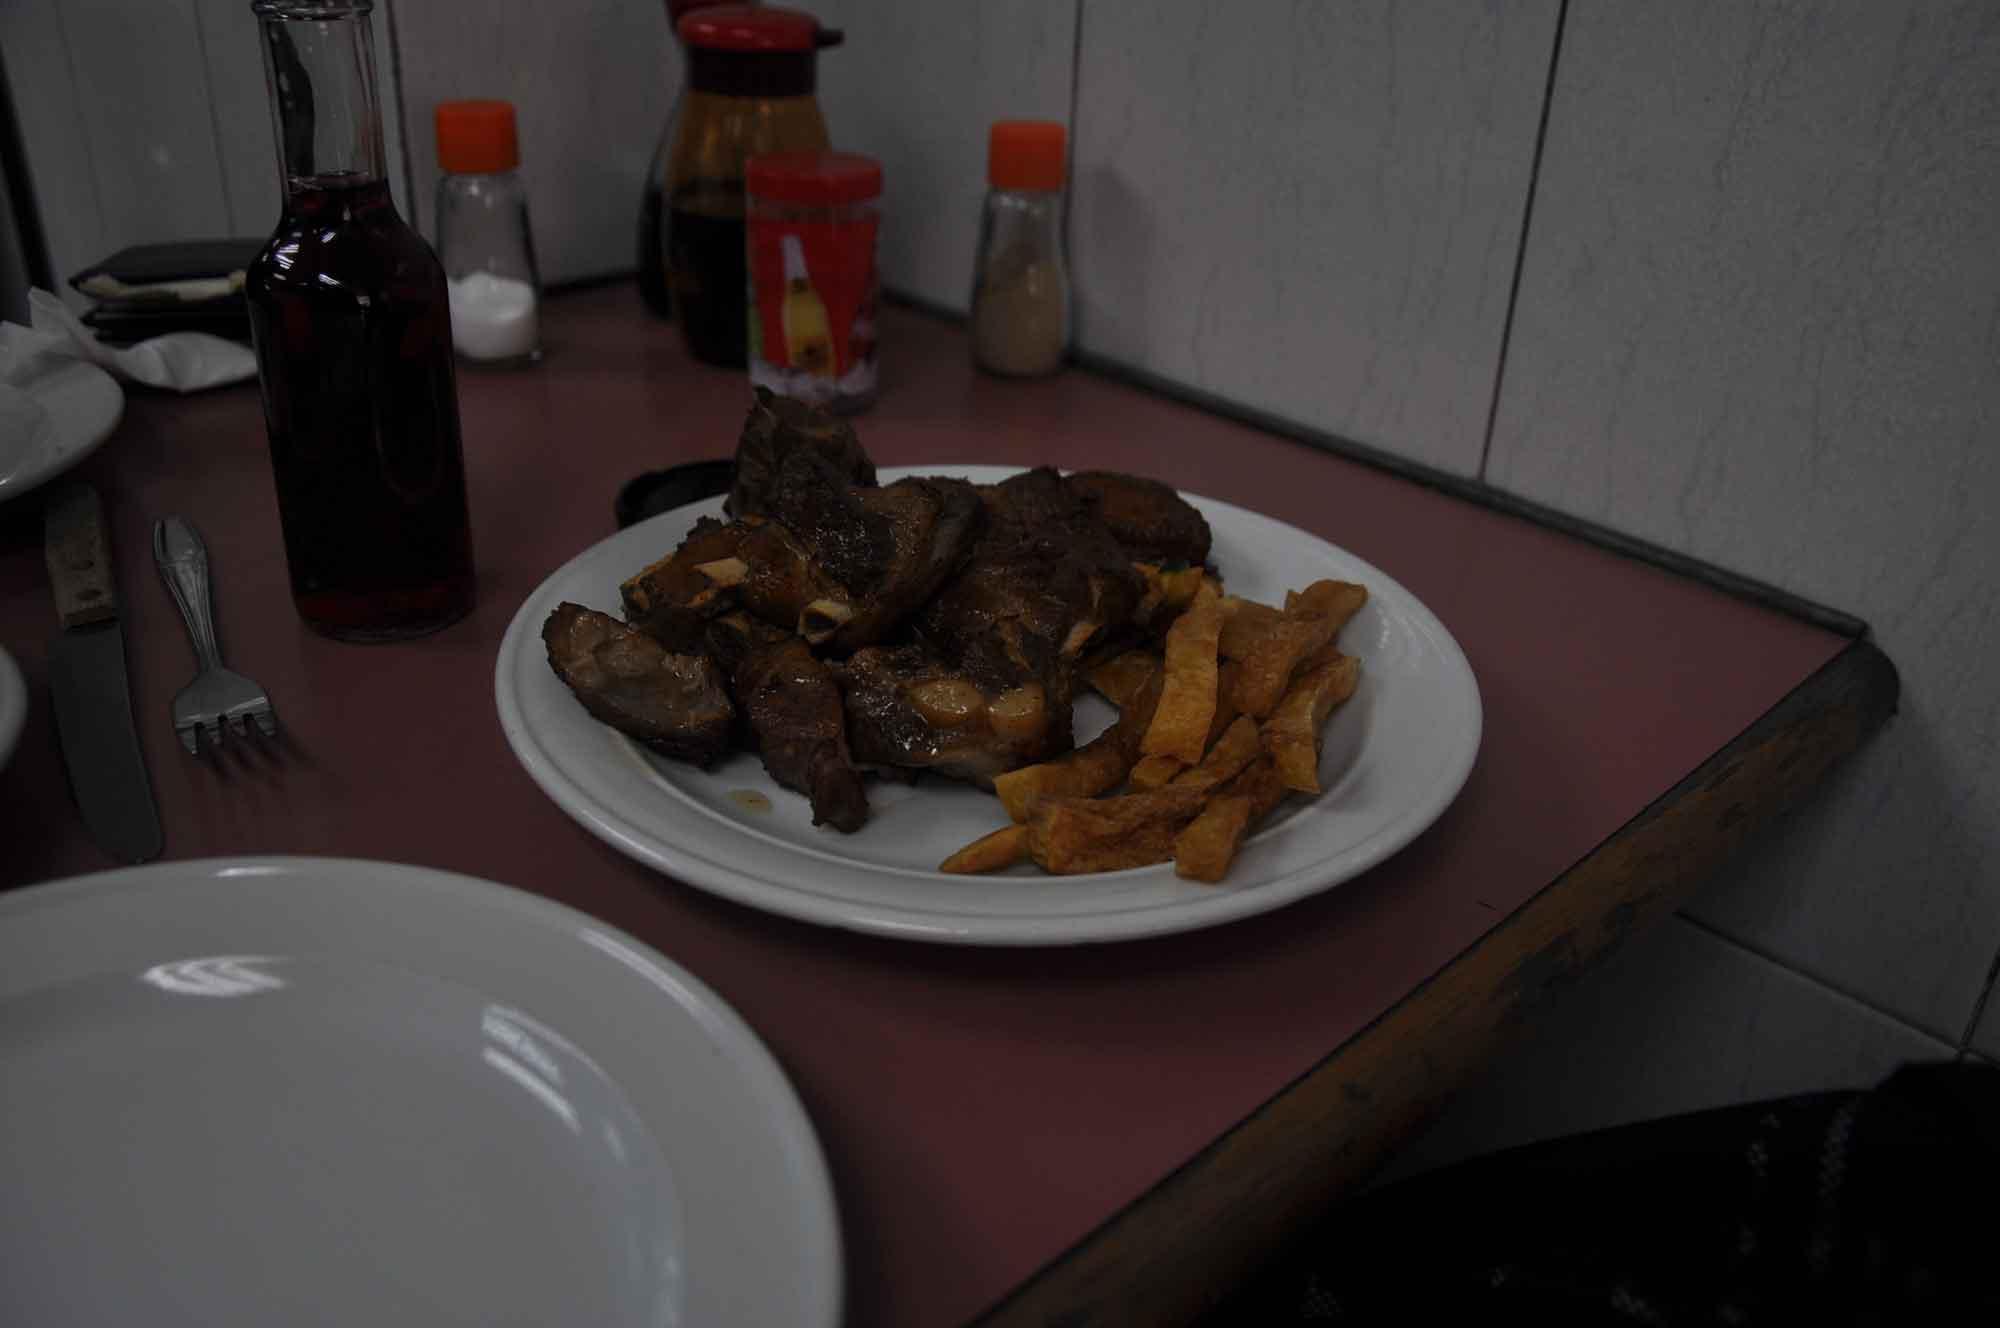 A Vencedora Macau ribs and fries